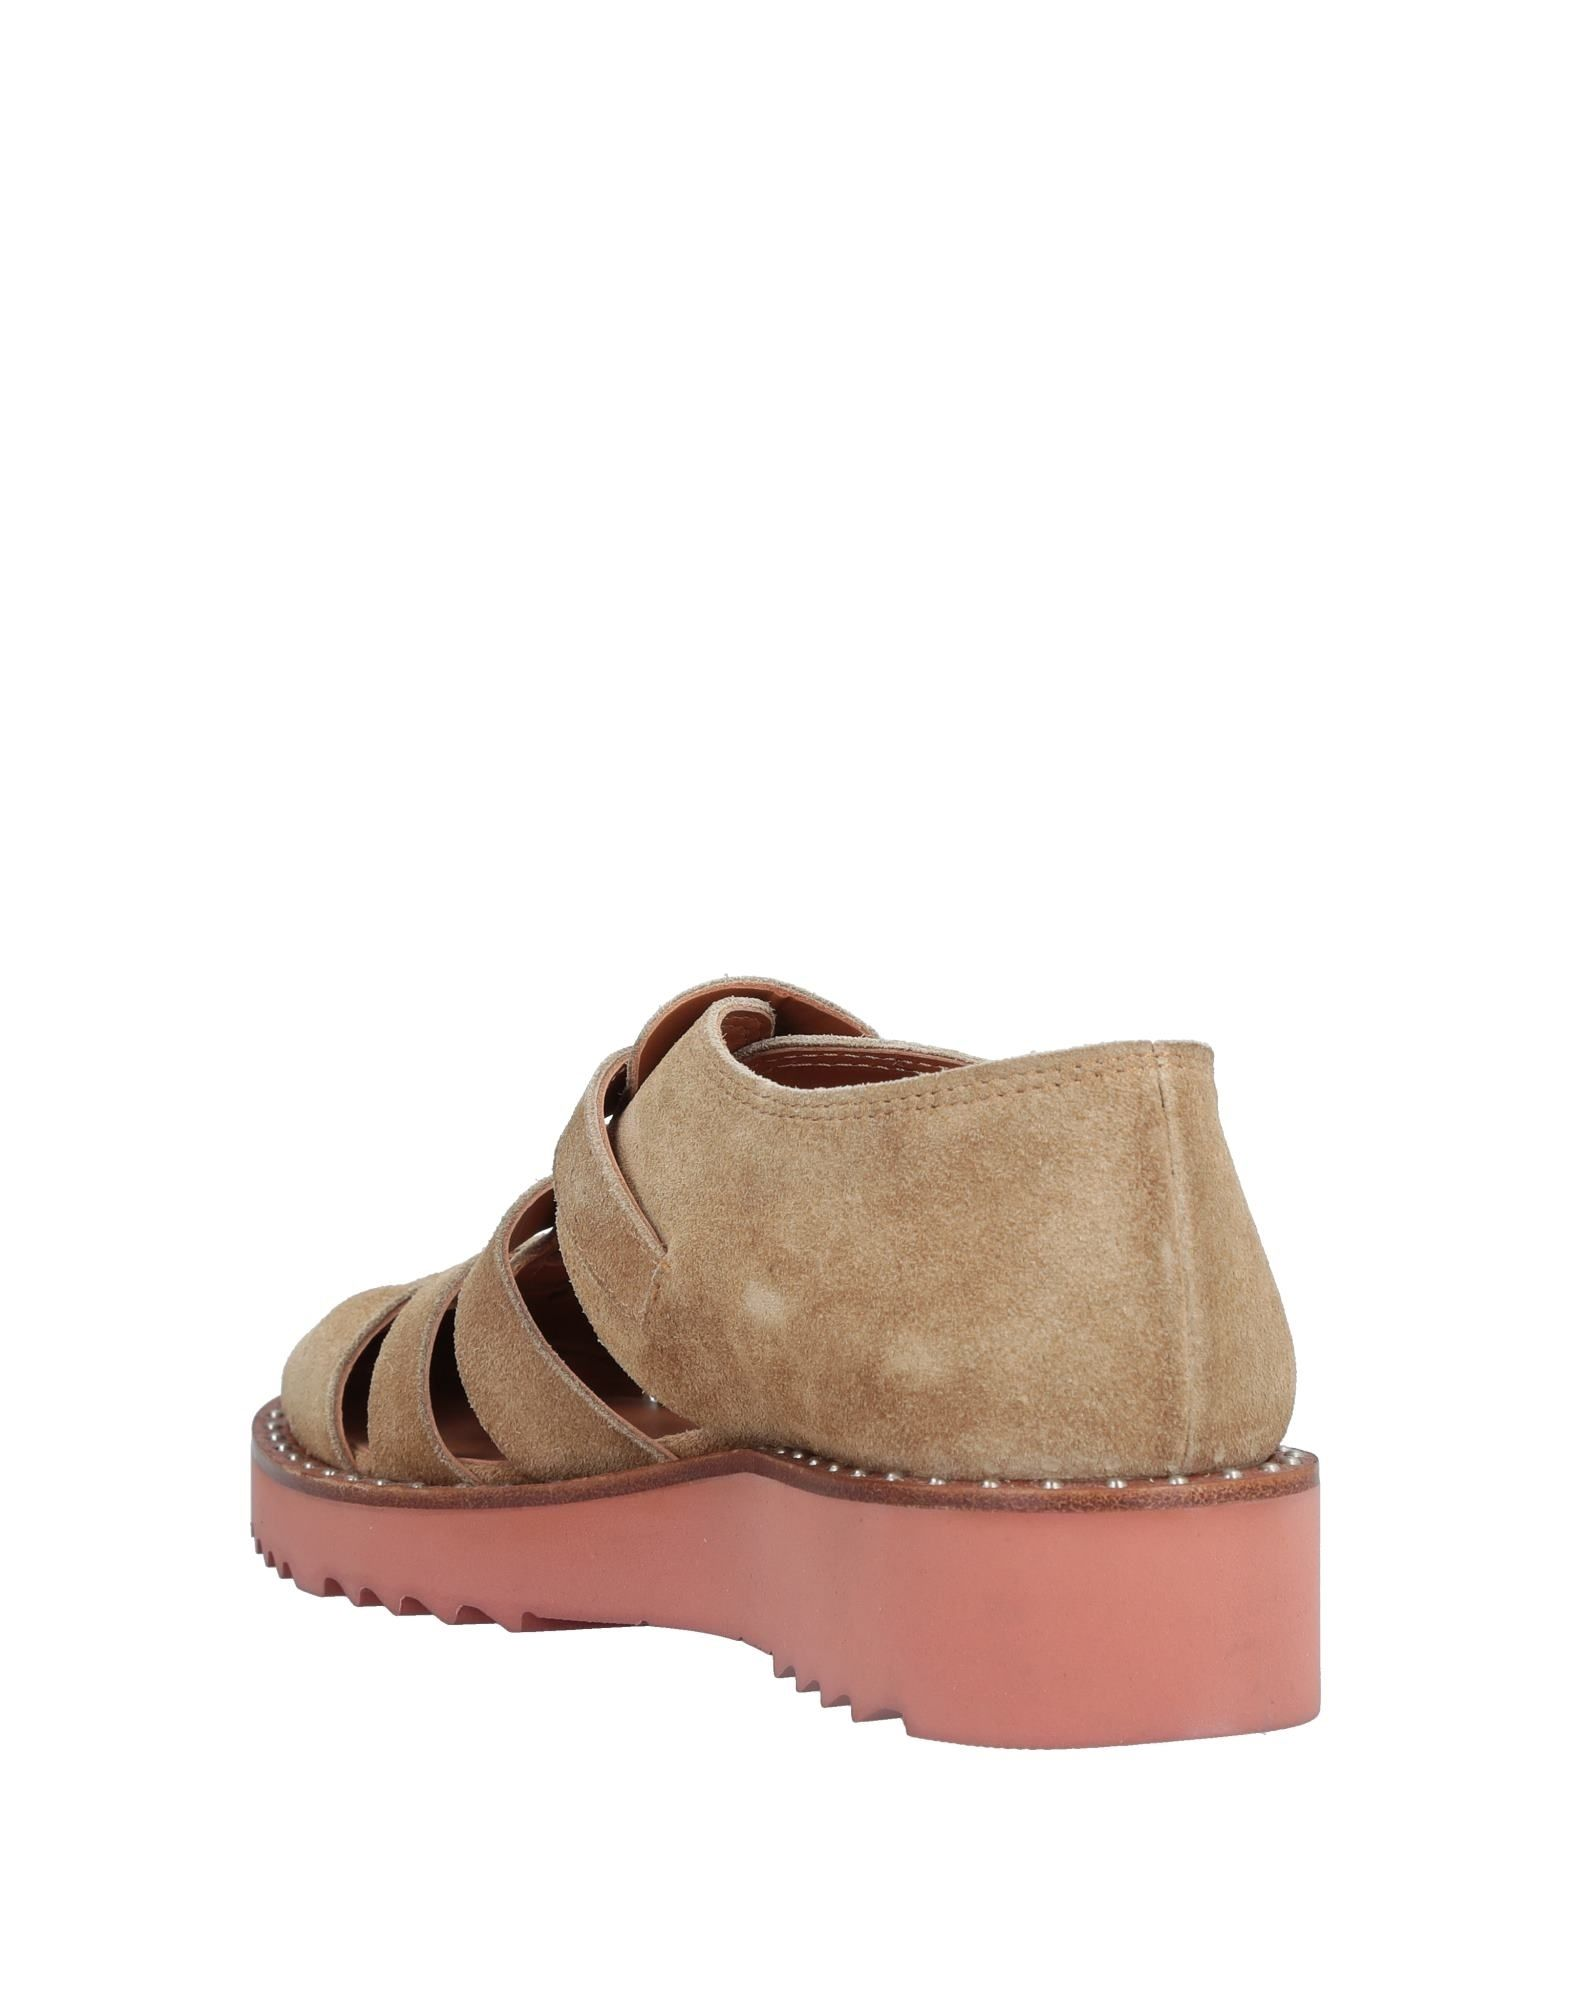 18 Kt Sandalen Damen beliebte  11497642SF Gute Qualität beliebte Damen Schuhe 73a08a